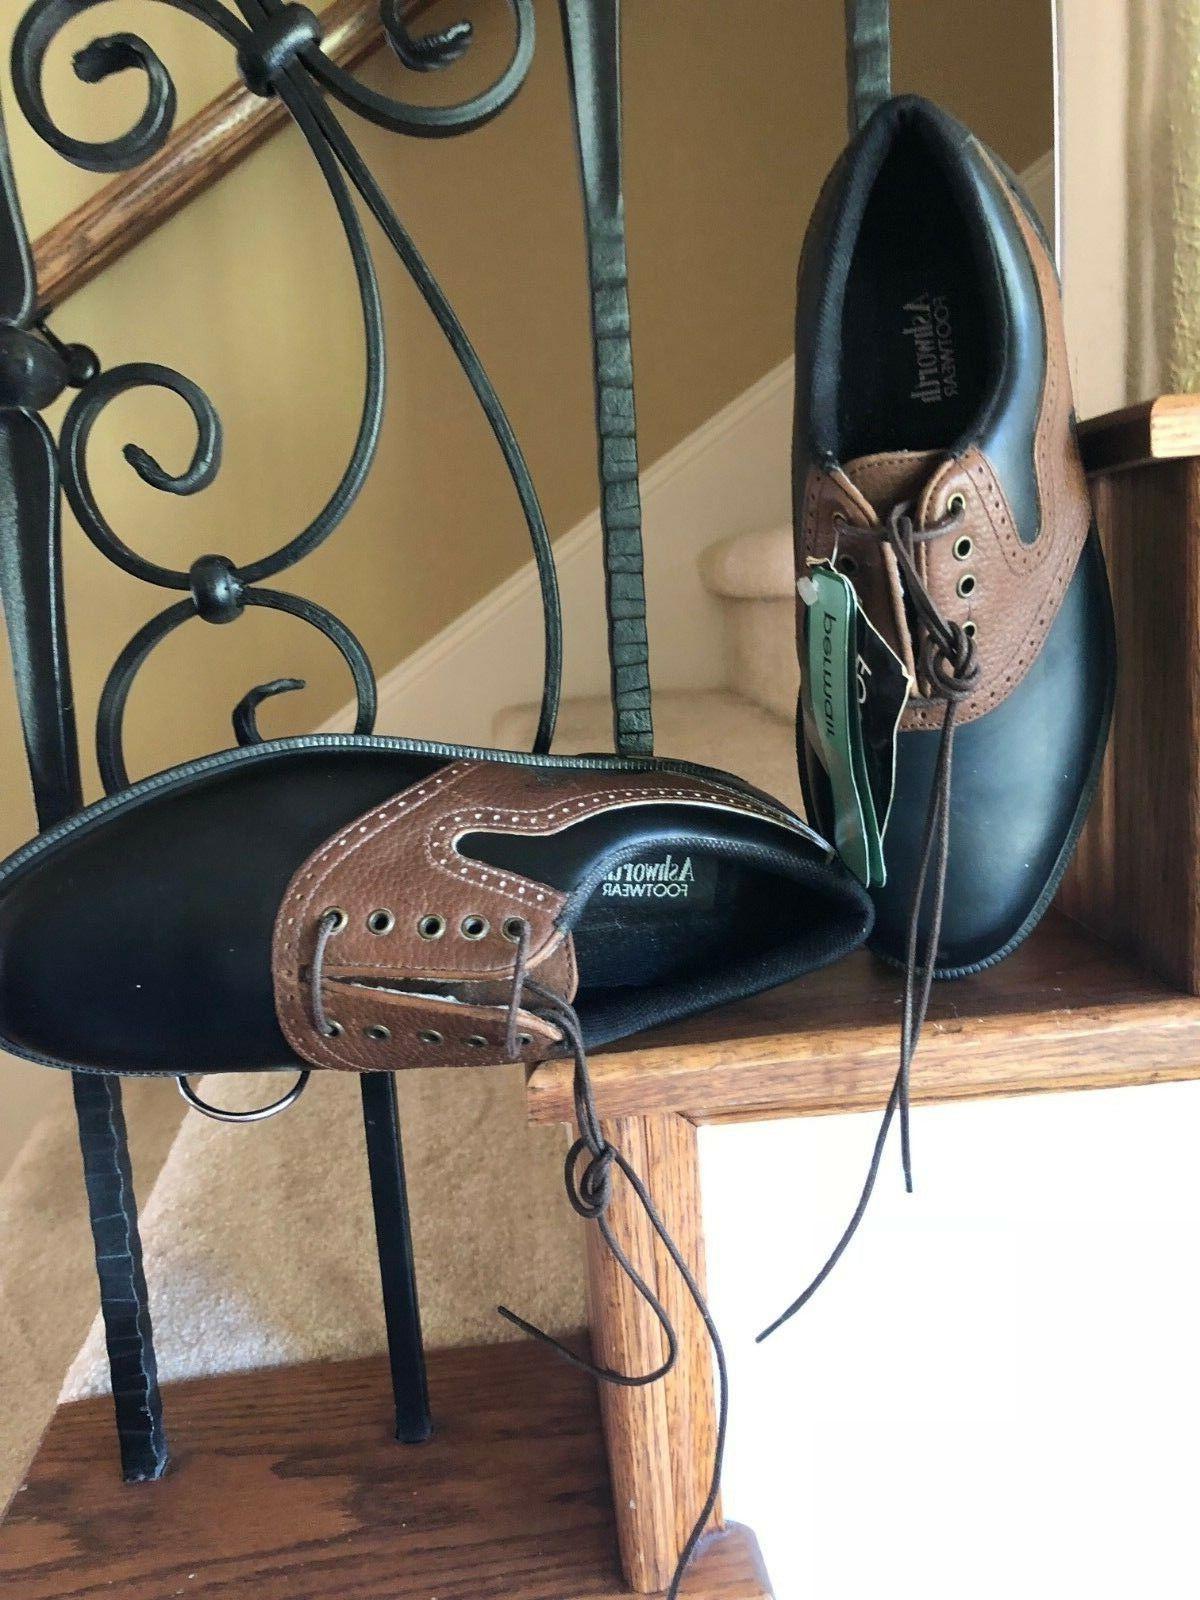 Ashworth Men's Golf Shoes,